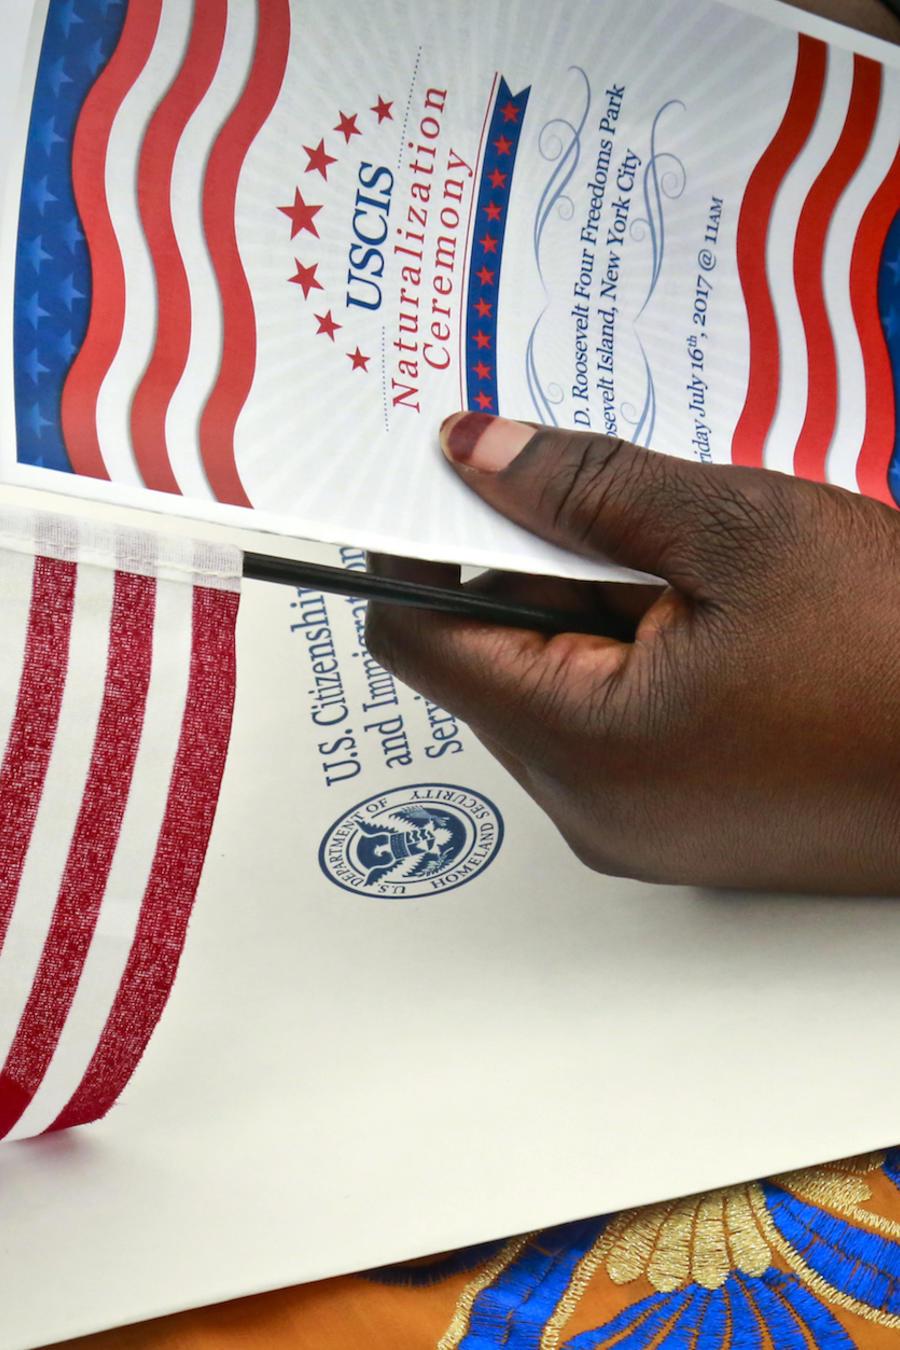 Una inmigrante sostiene una bandera e información de USCIS durante una ceremonia de naturalización en junio en Nueva York.